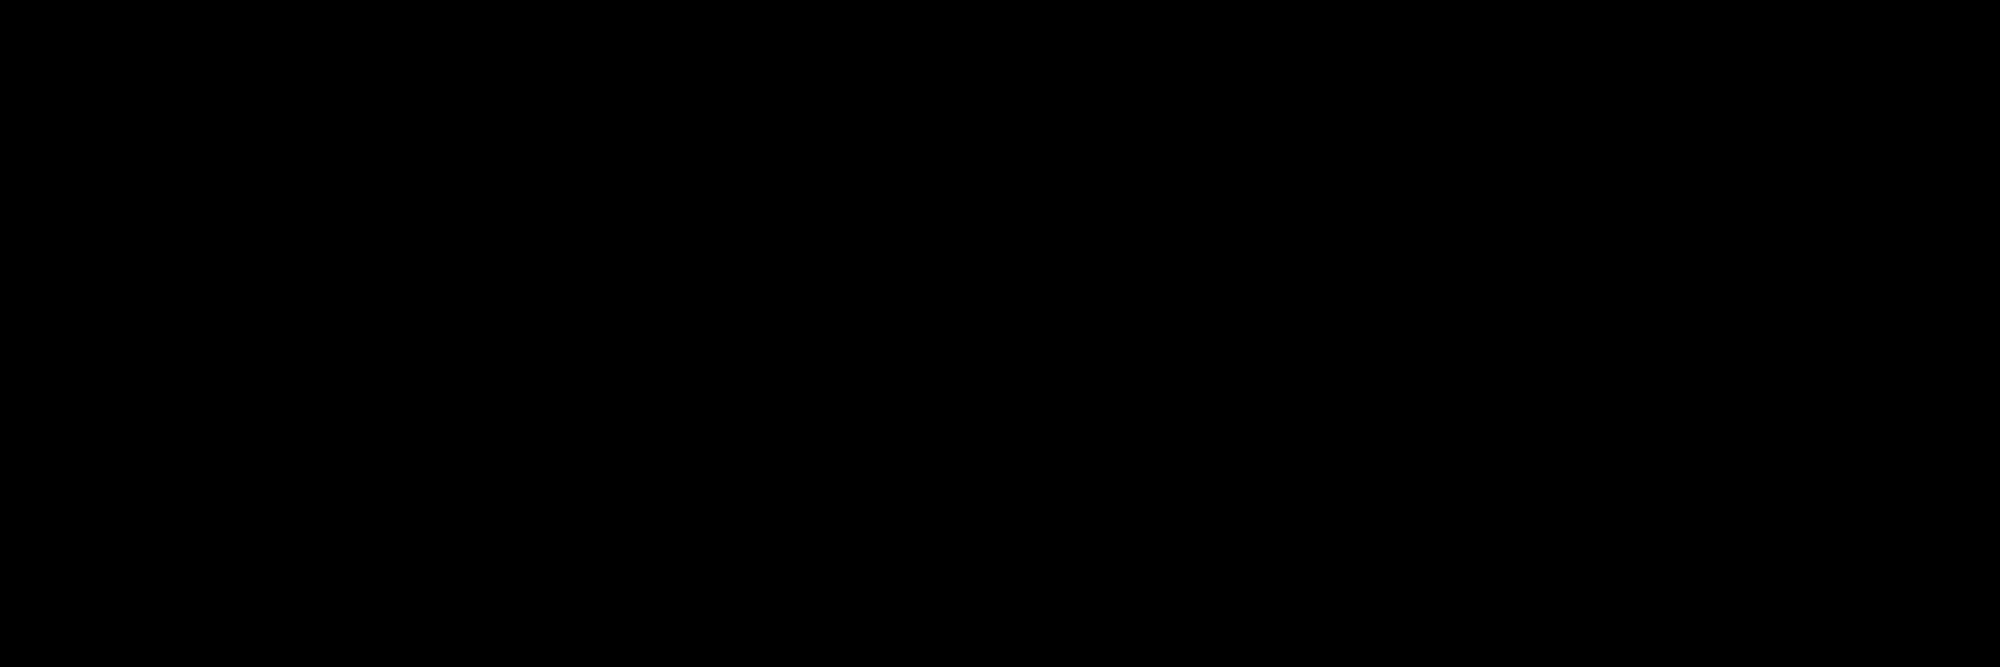 Inductor Circuit Symbol.